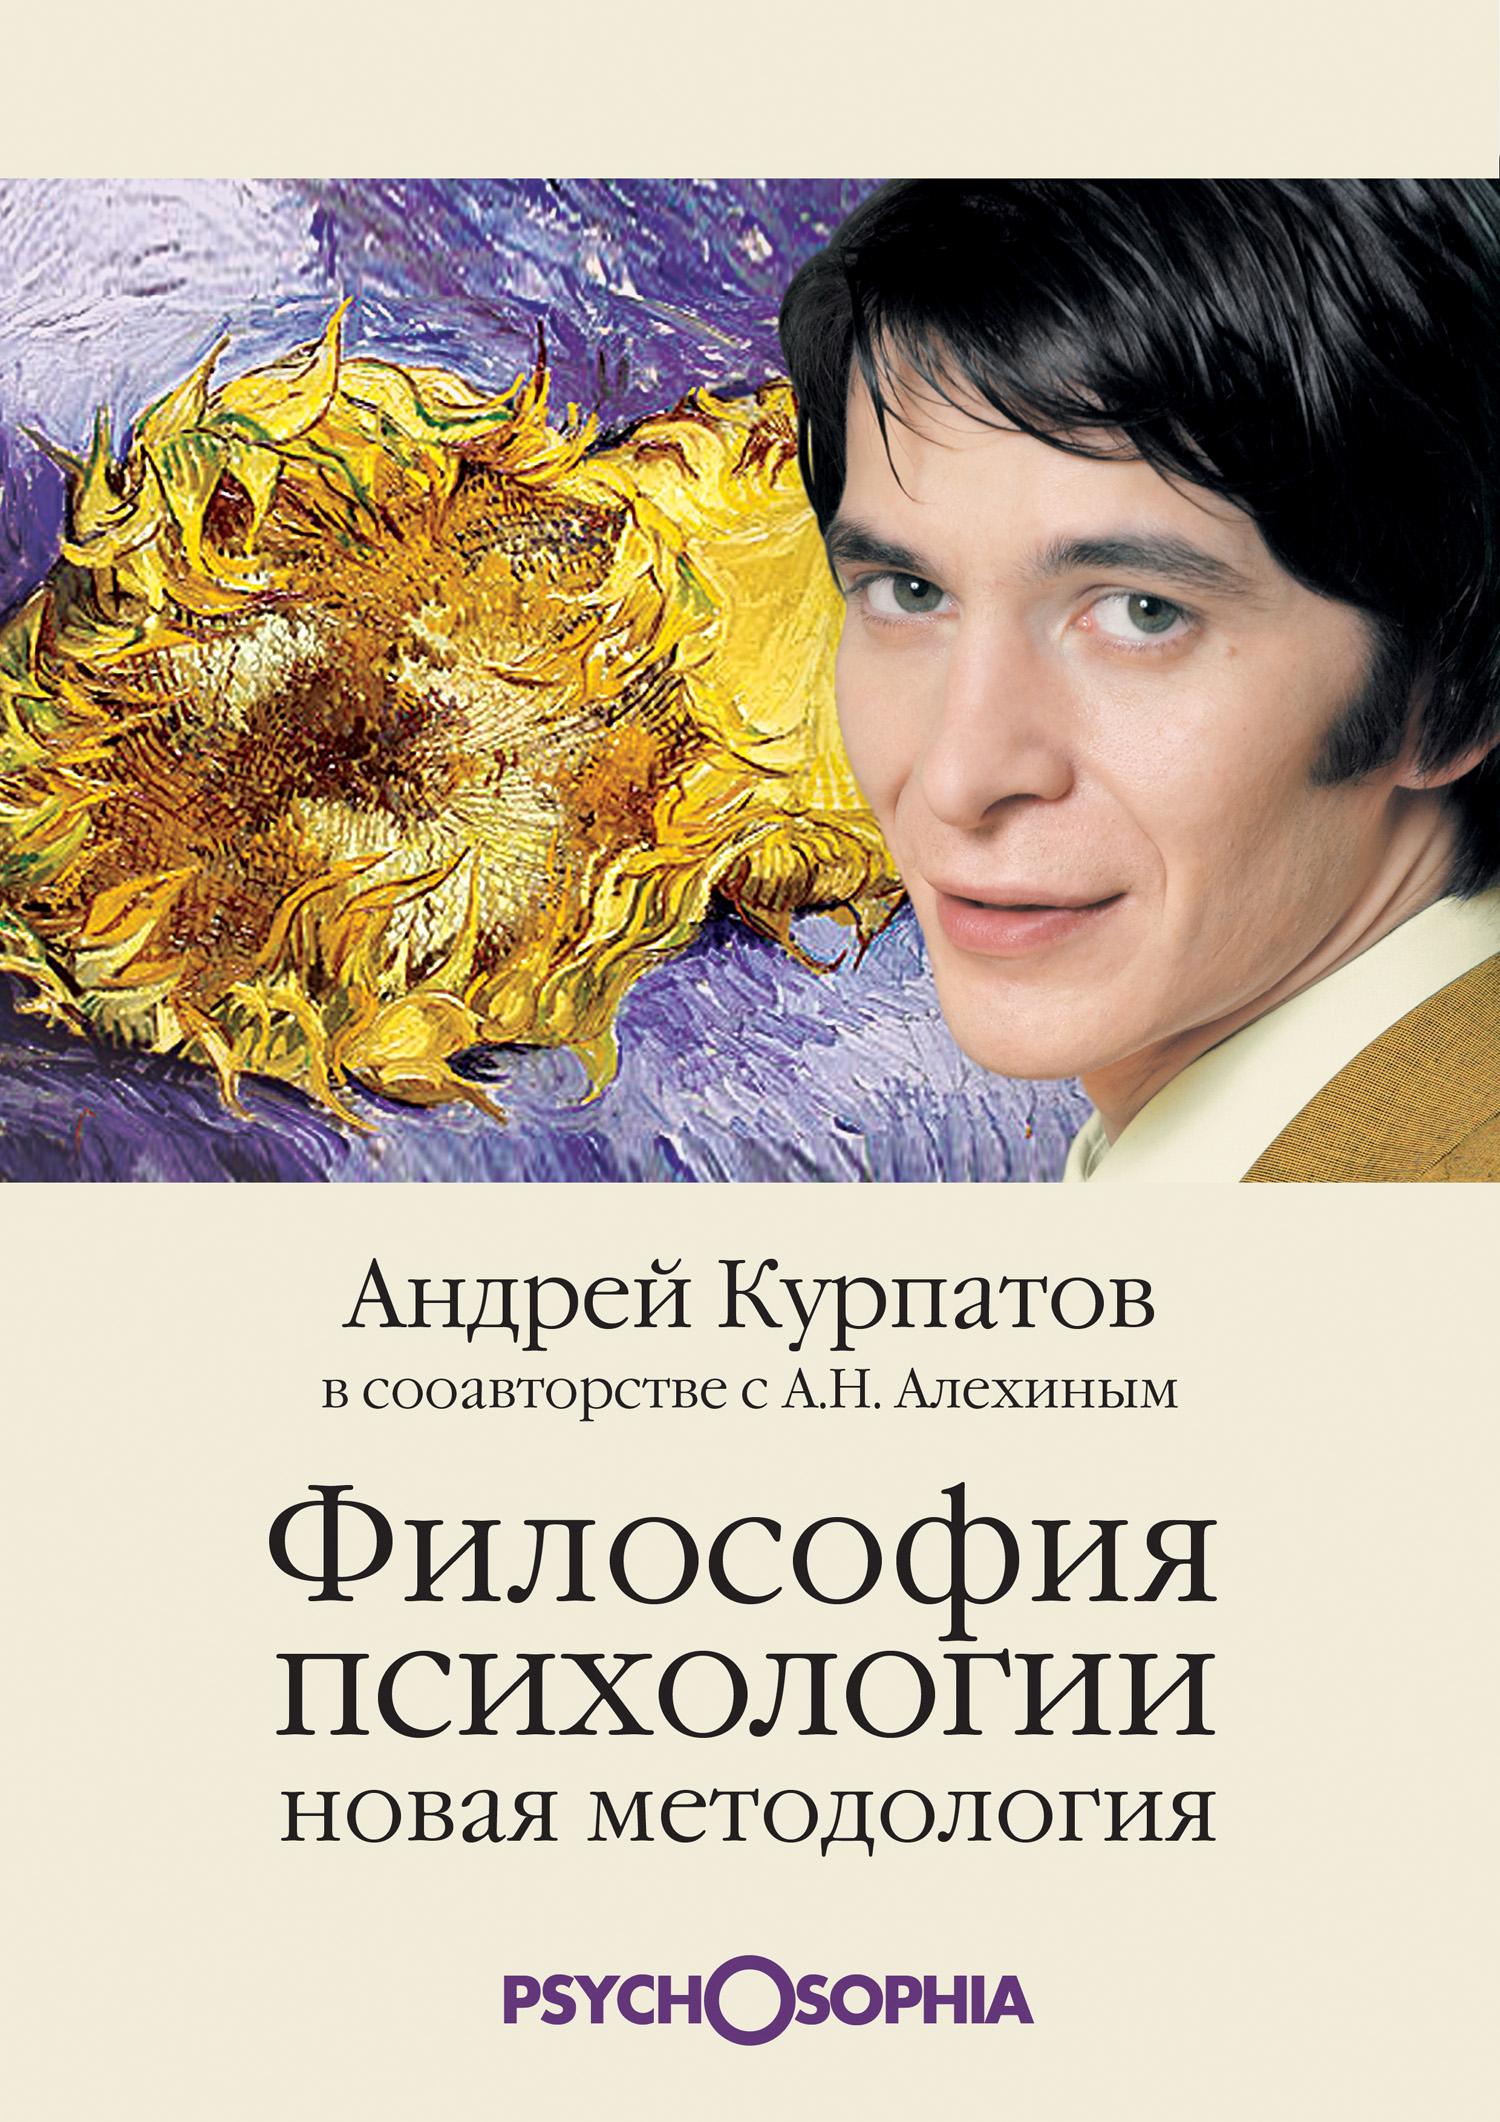 Электронная книга «Философия психологии. Новая методология» – Андрей Курпатов